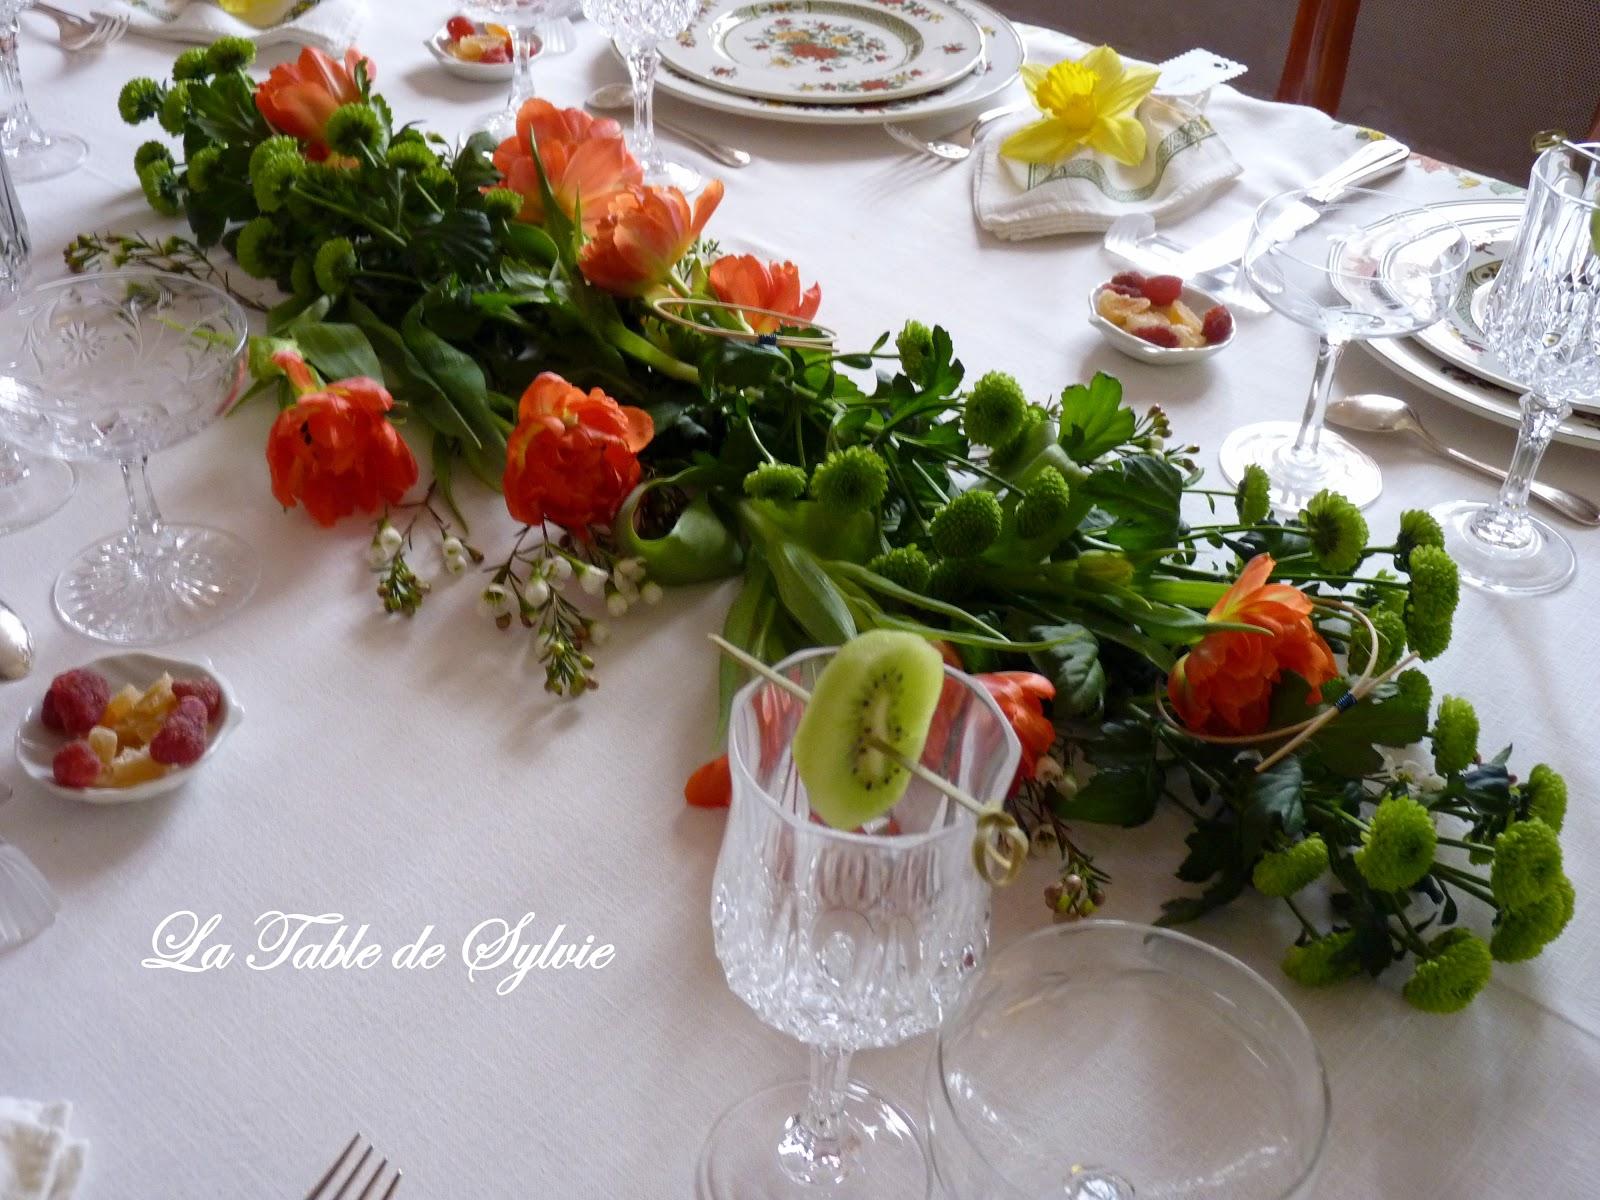 La table de sylvie table classique - Chemin de table fleurs naturelles ...